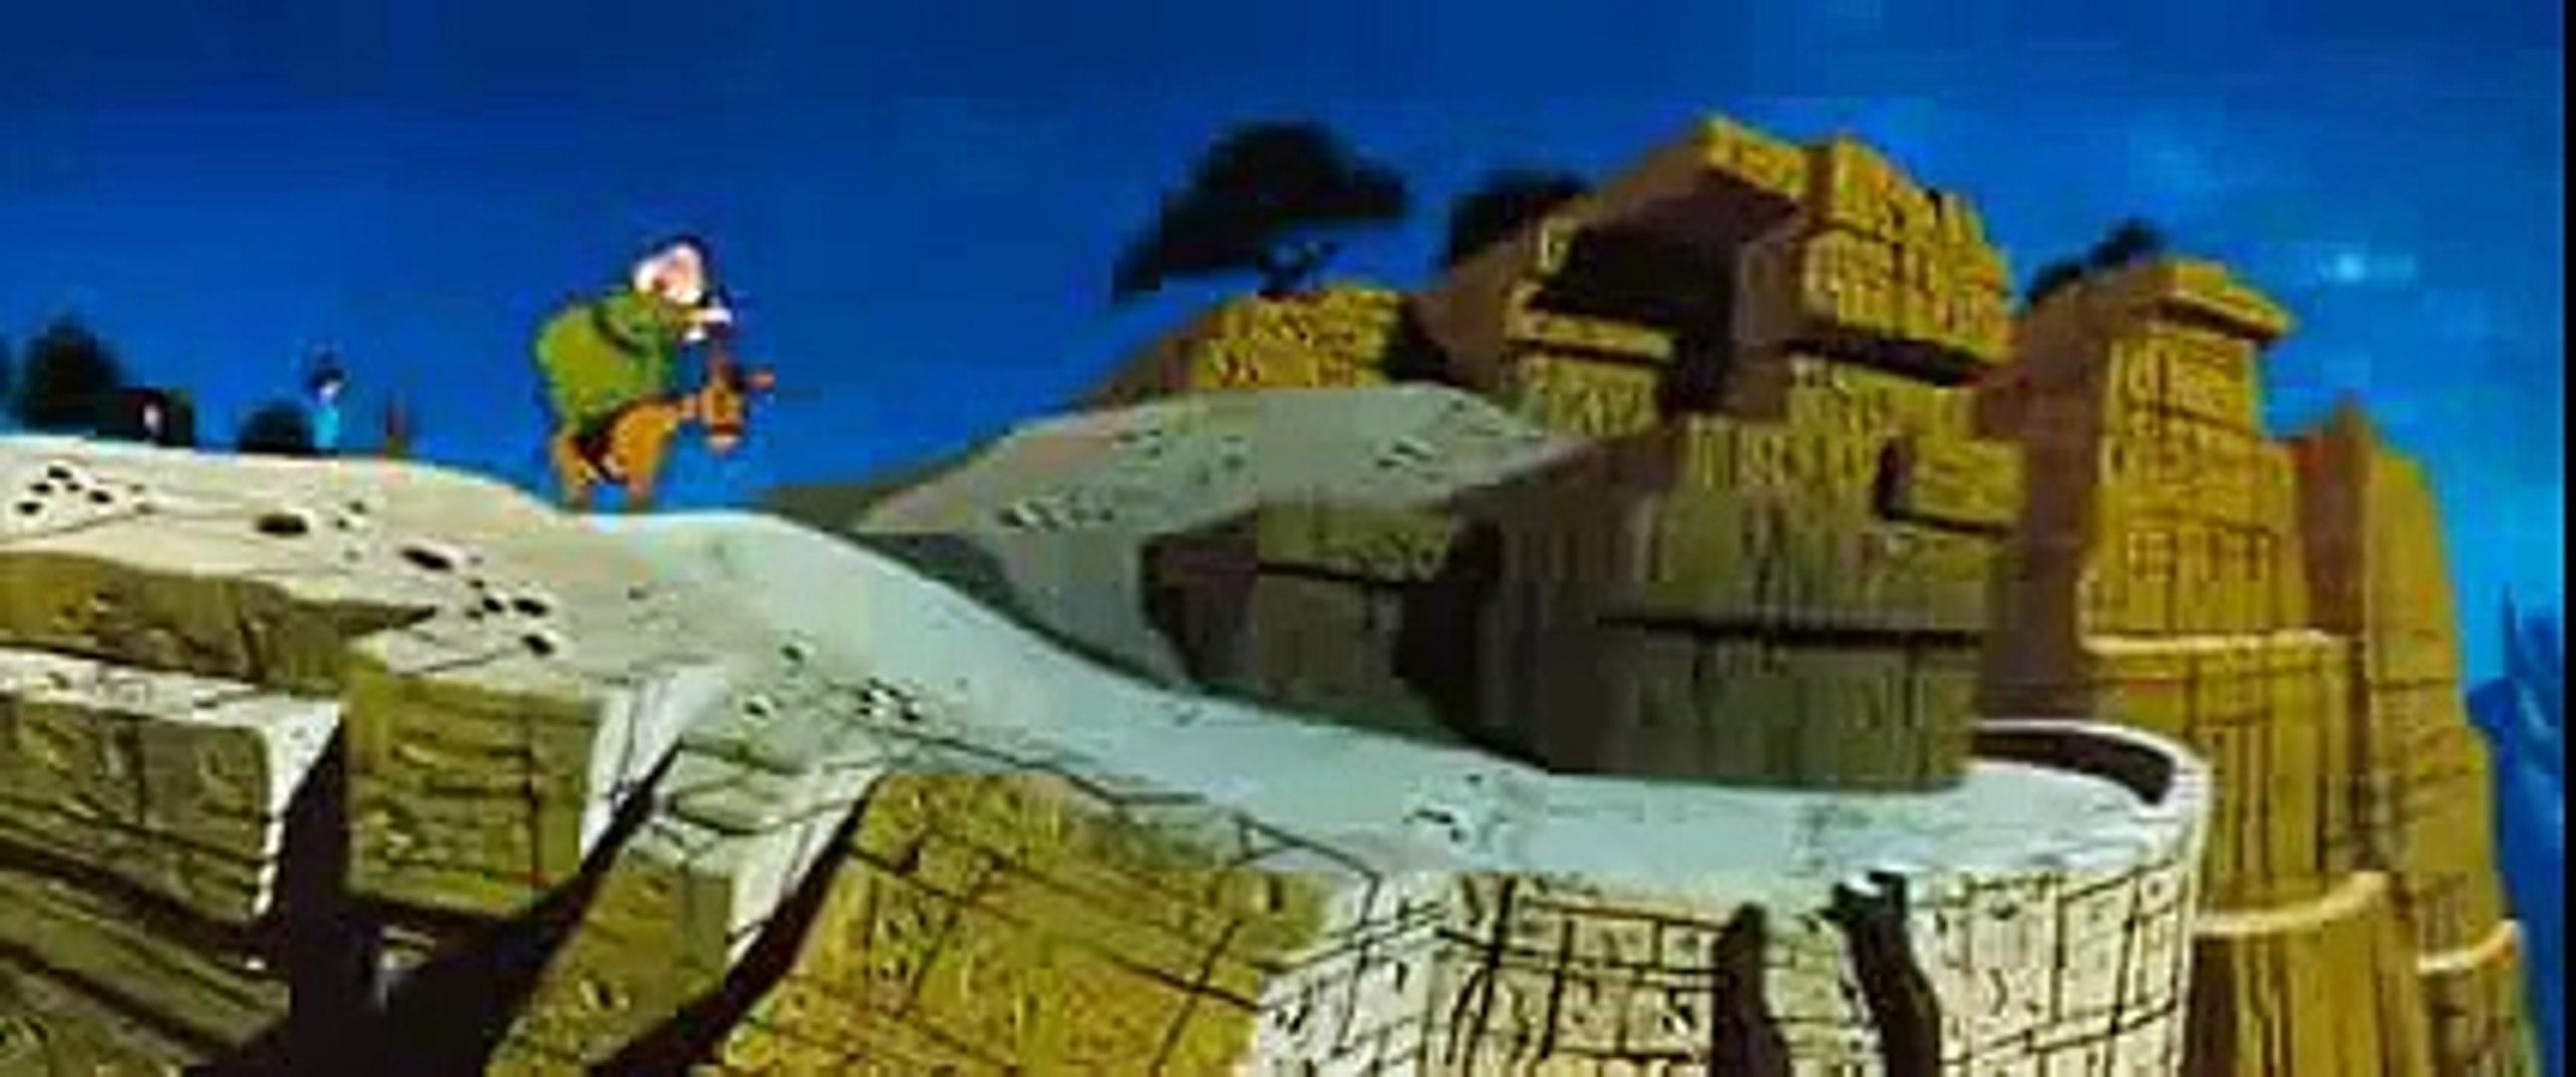 Мультфильмы Дональд Дак и Чип и Дейл все серии подряд без перерыва Donald Duck and Chip An